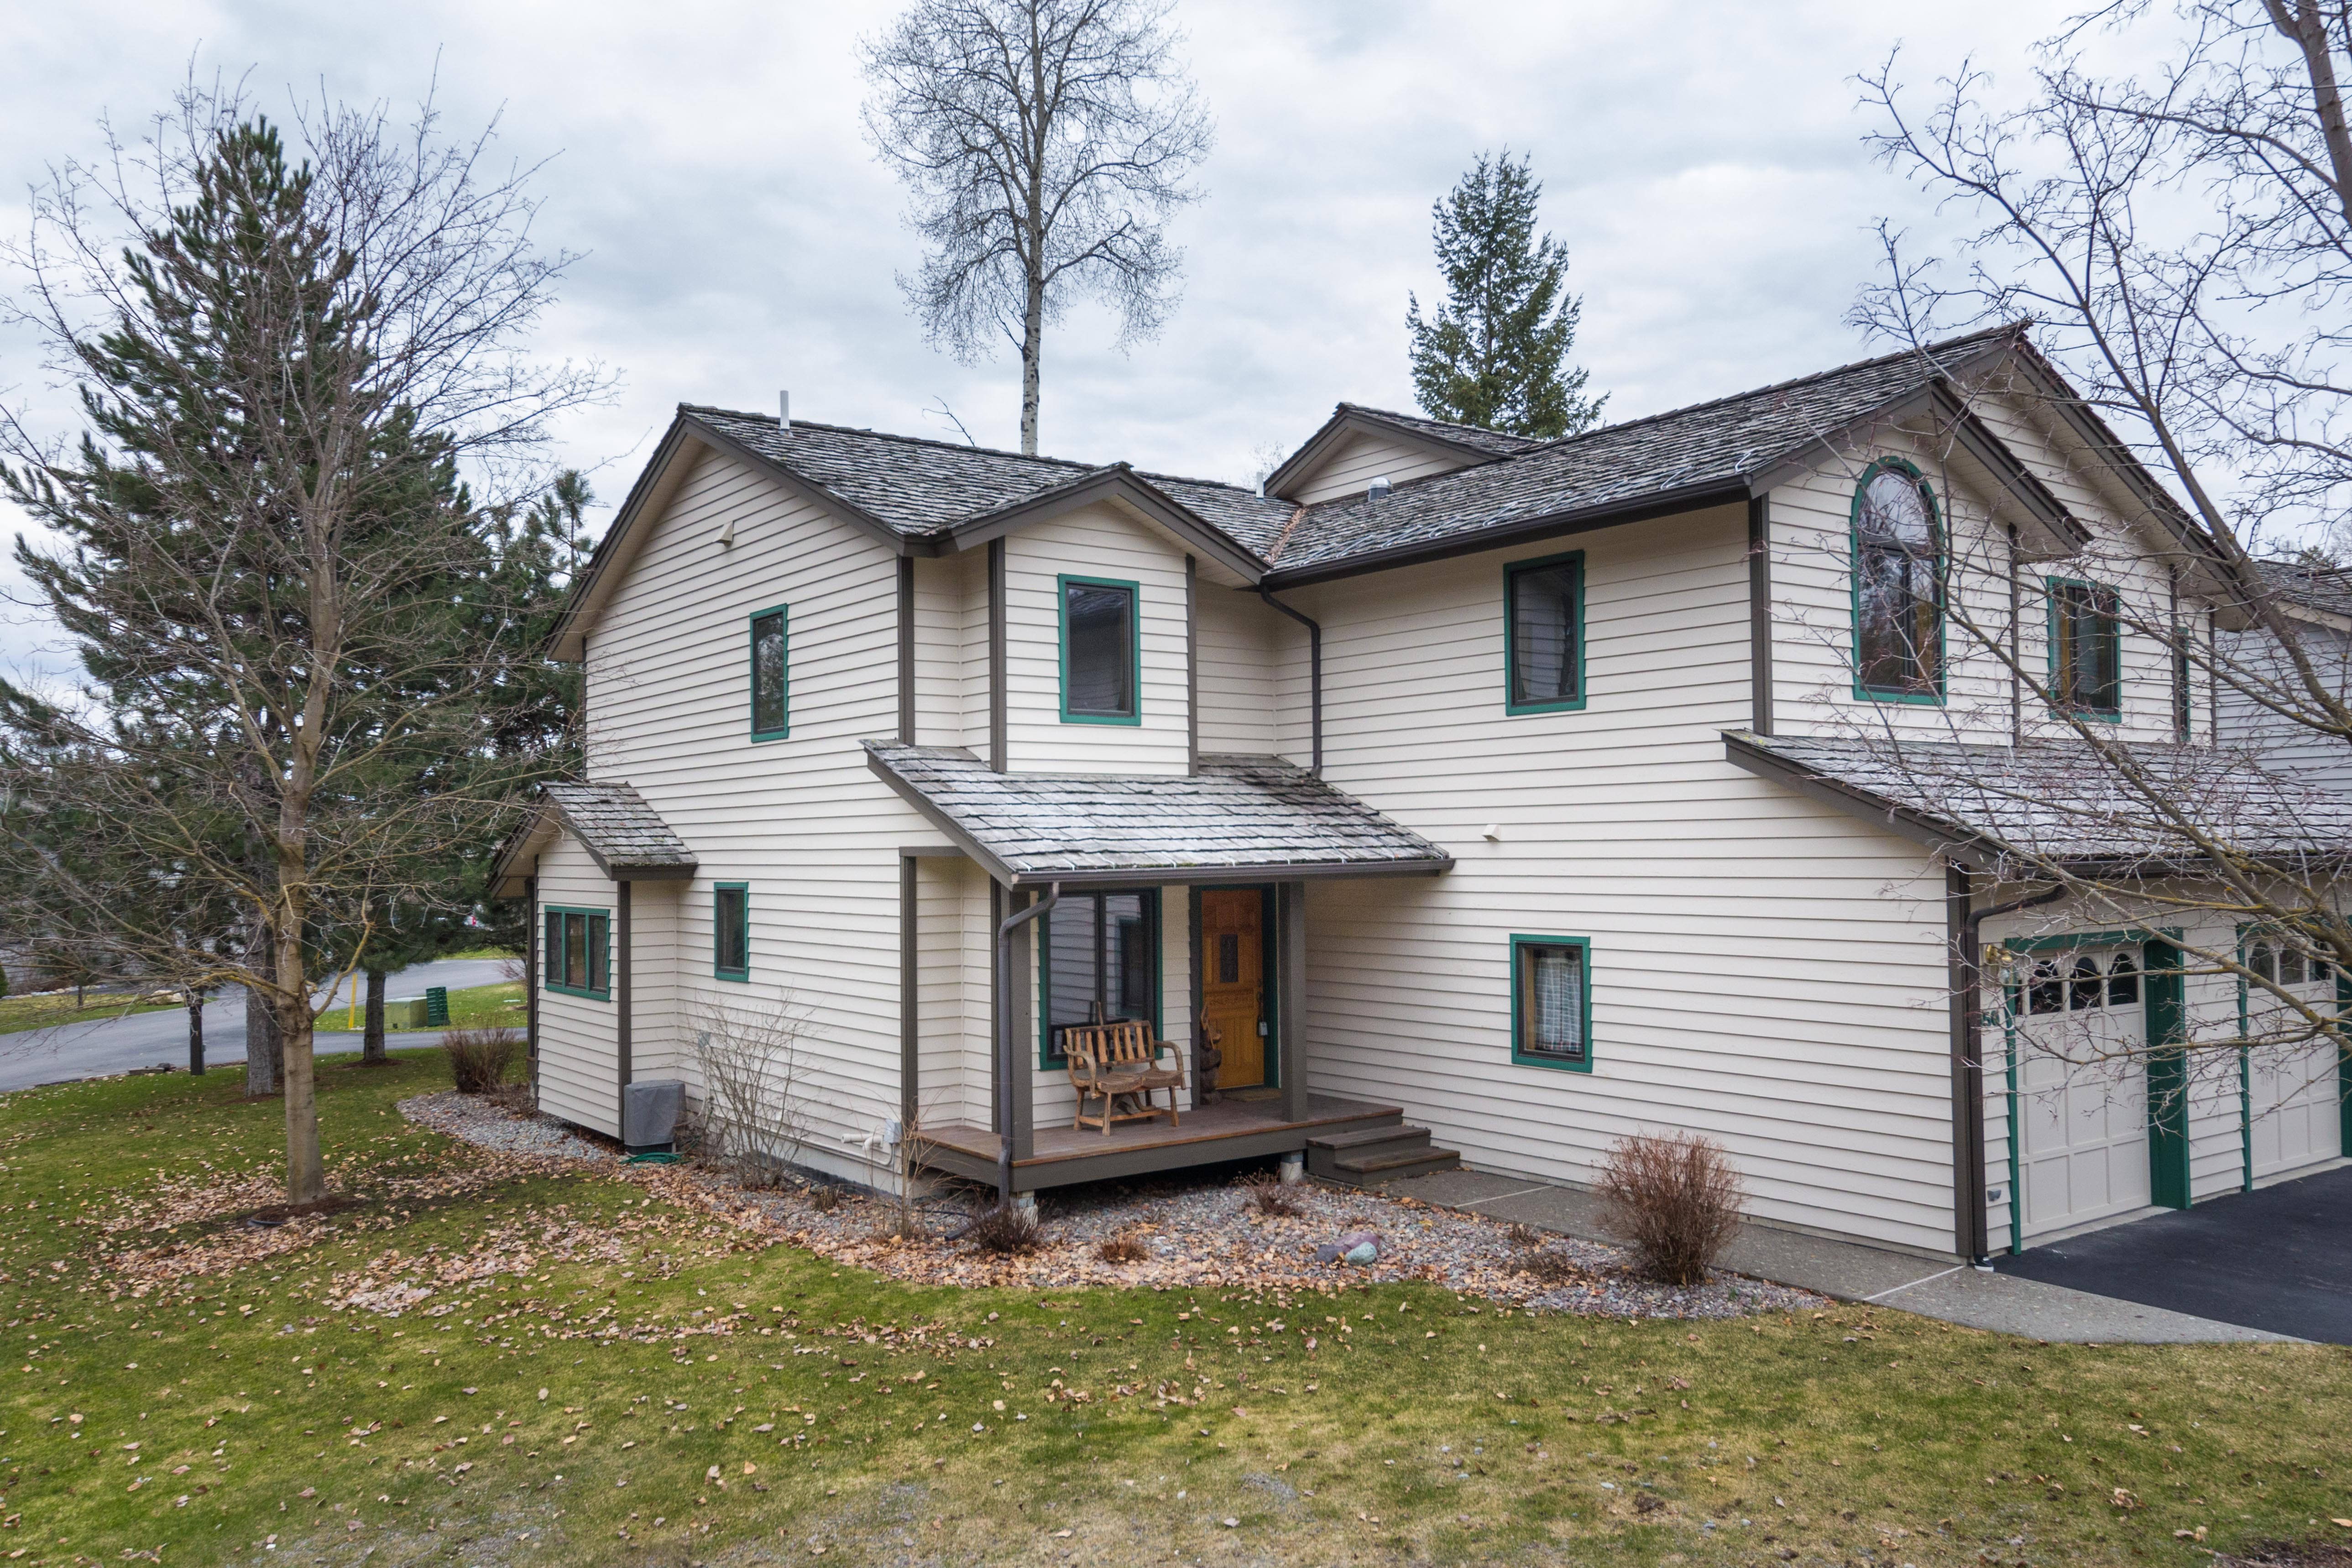 共管式独立产权公寓 为 销售 在 Whitefish Lake Condo 1750 E Lakeshore Dr 怀特菲什, 蒙大拿州, 59937 美国